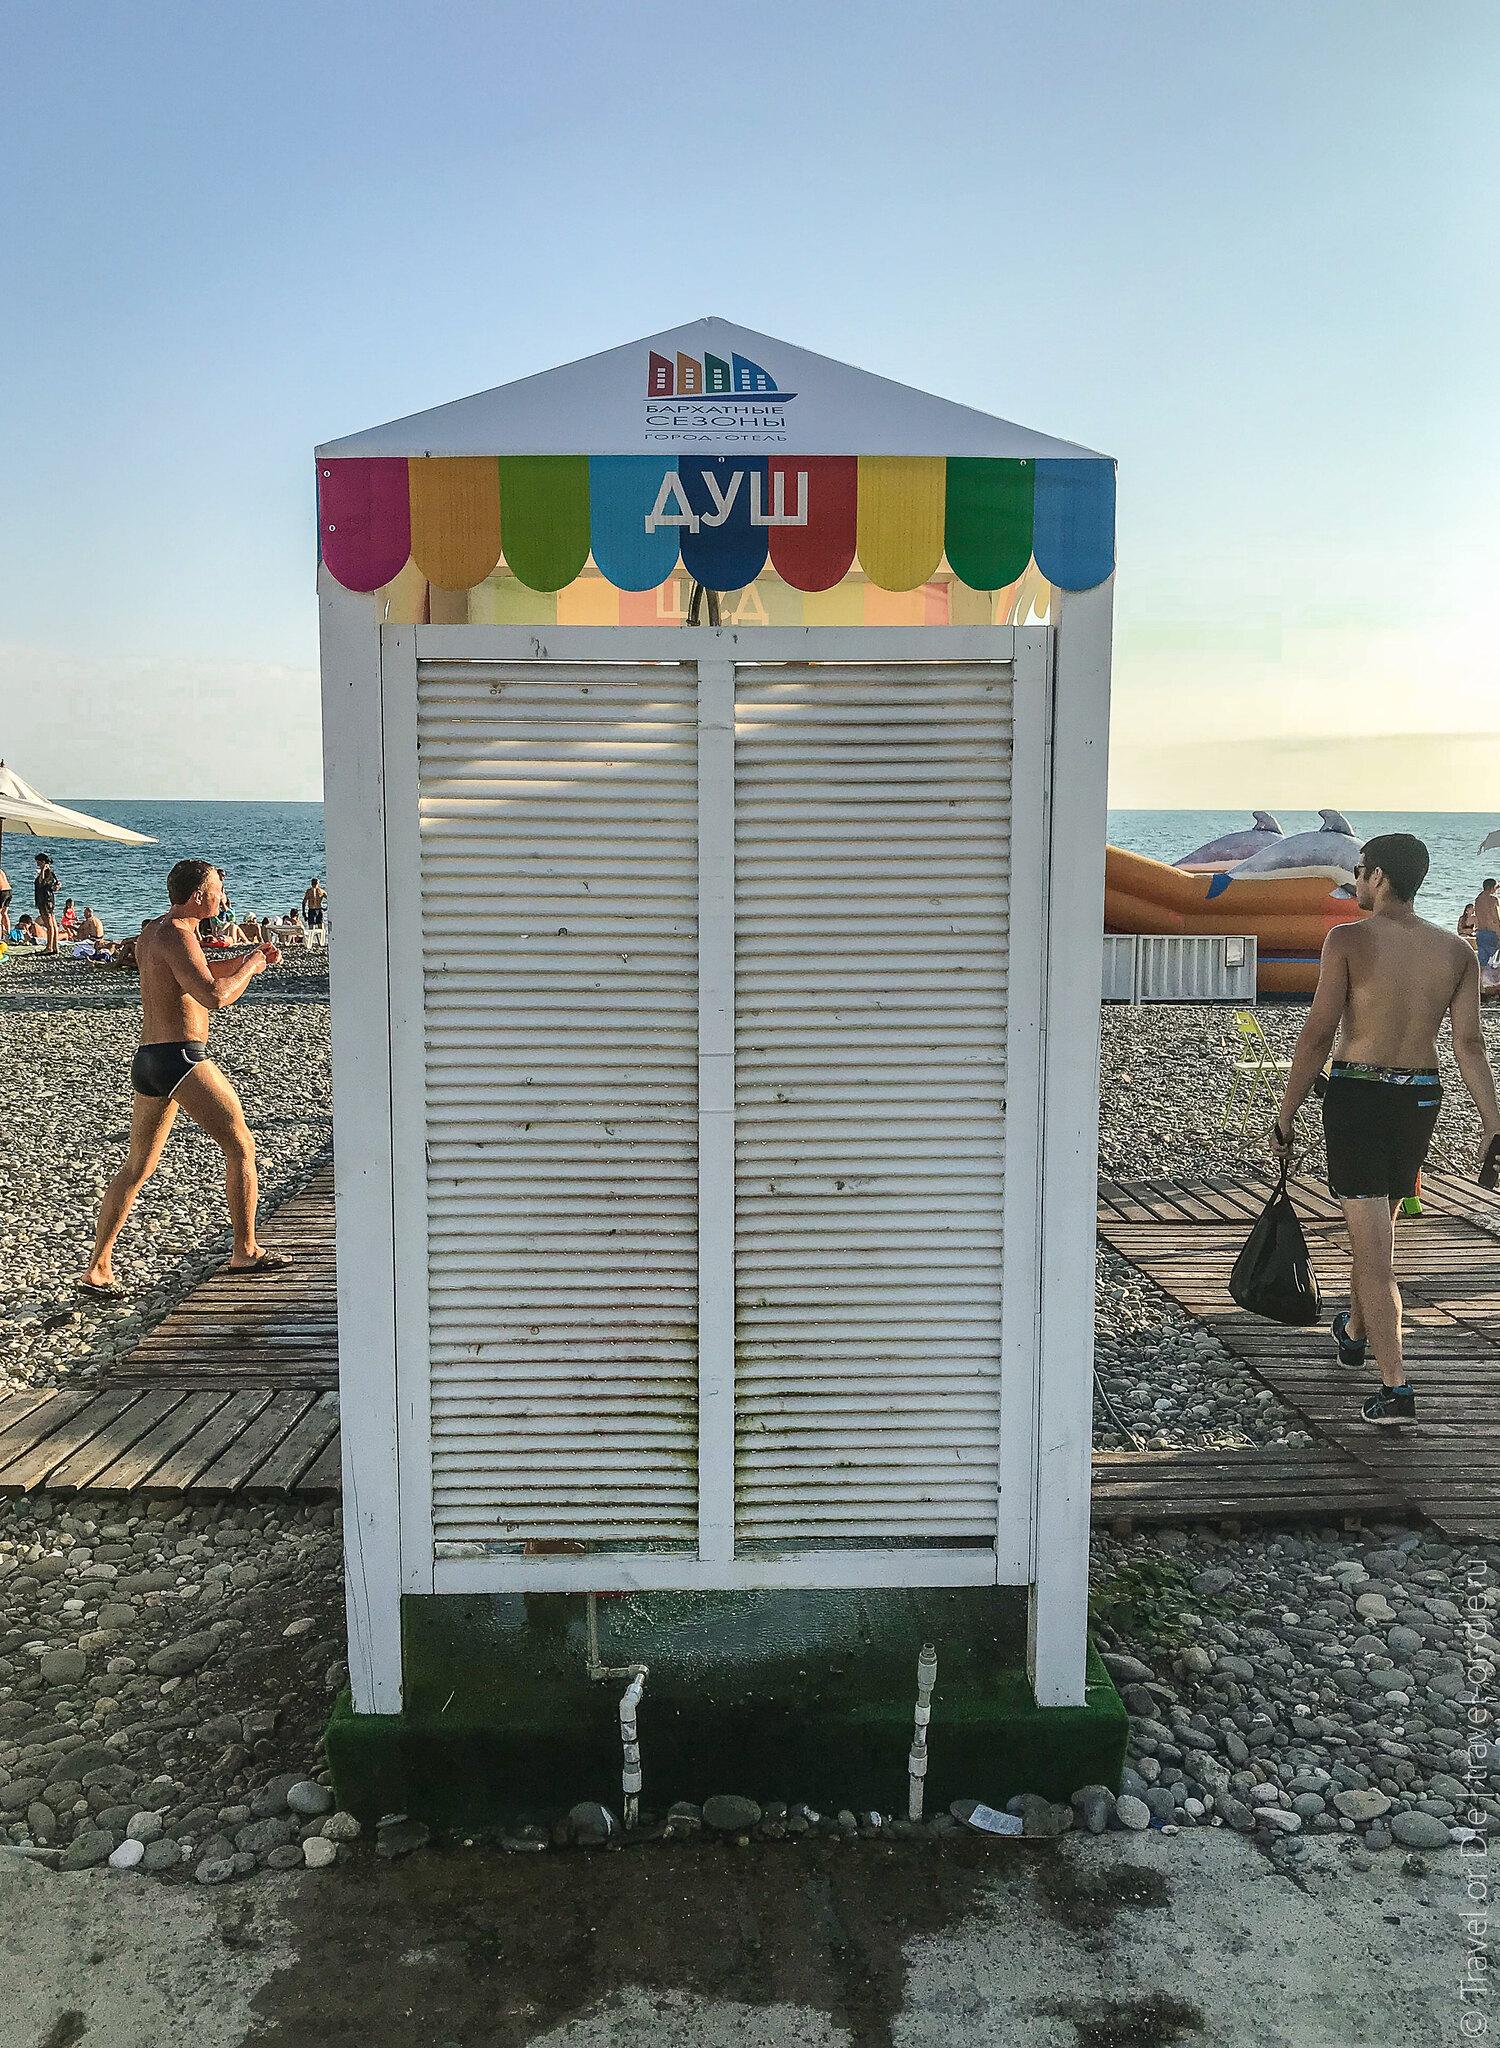 Пляж-Имеретинская-бухта-Сочи-Адлер-6032